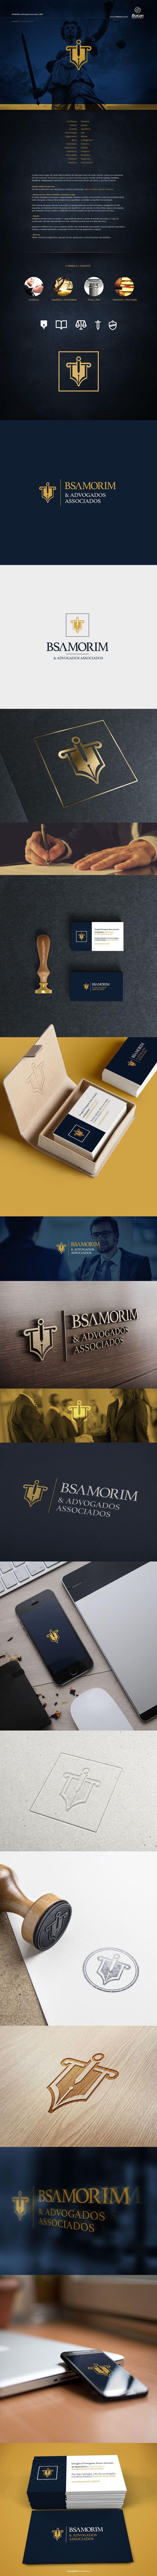 Branding | BSAMORIM & Advogados Associados on Behance